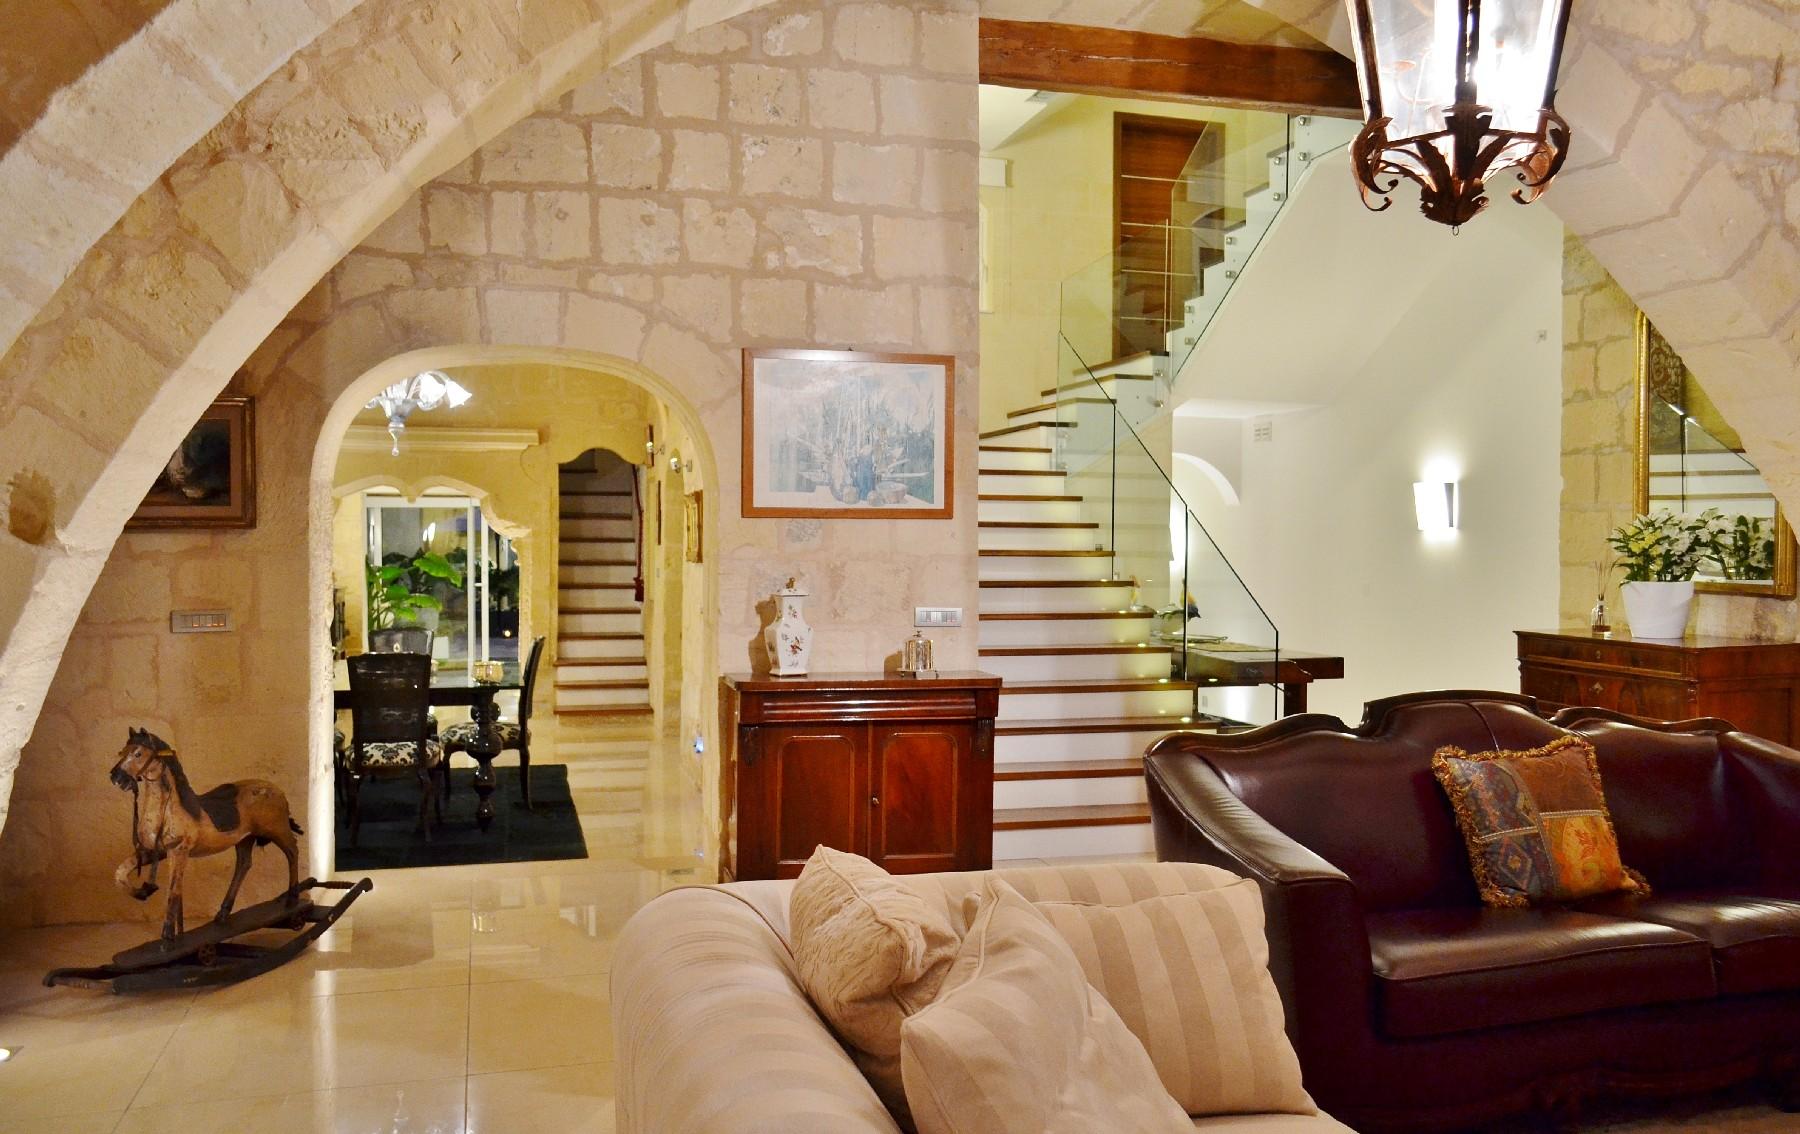 Malta Property for sale in Malta, Attard